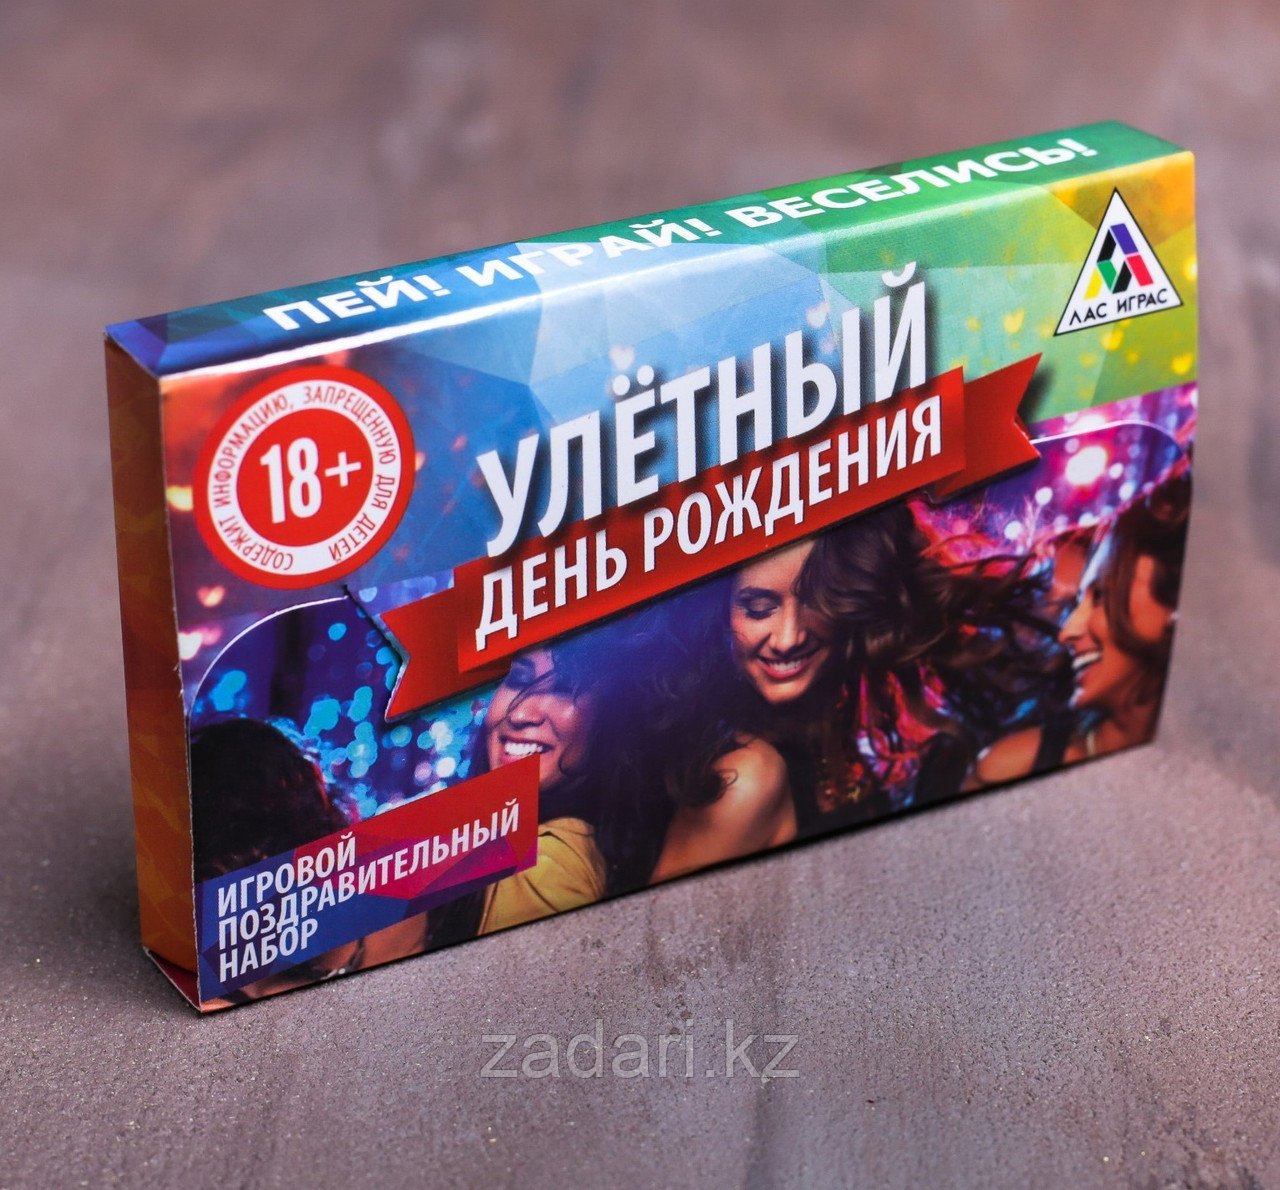 """Настольная игра """"Улётный день рождения"""""""